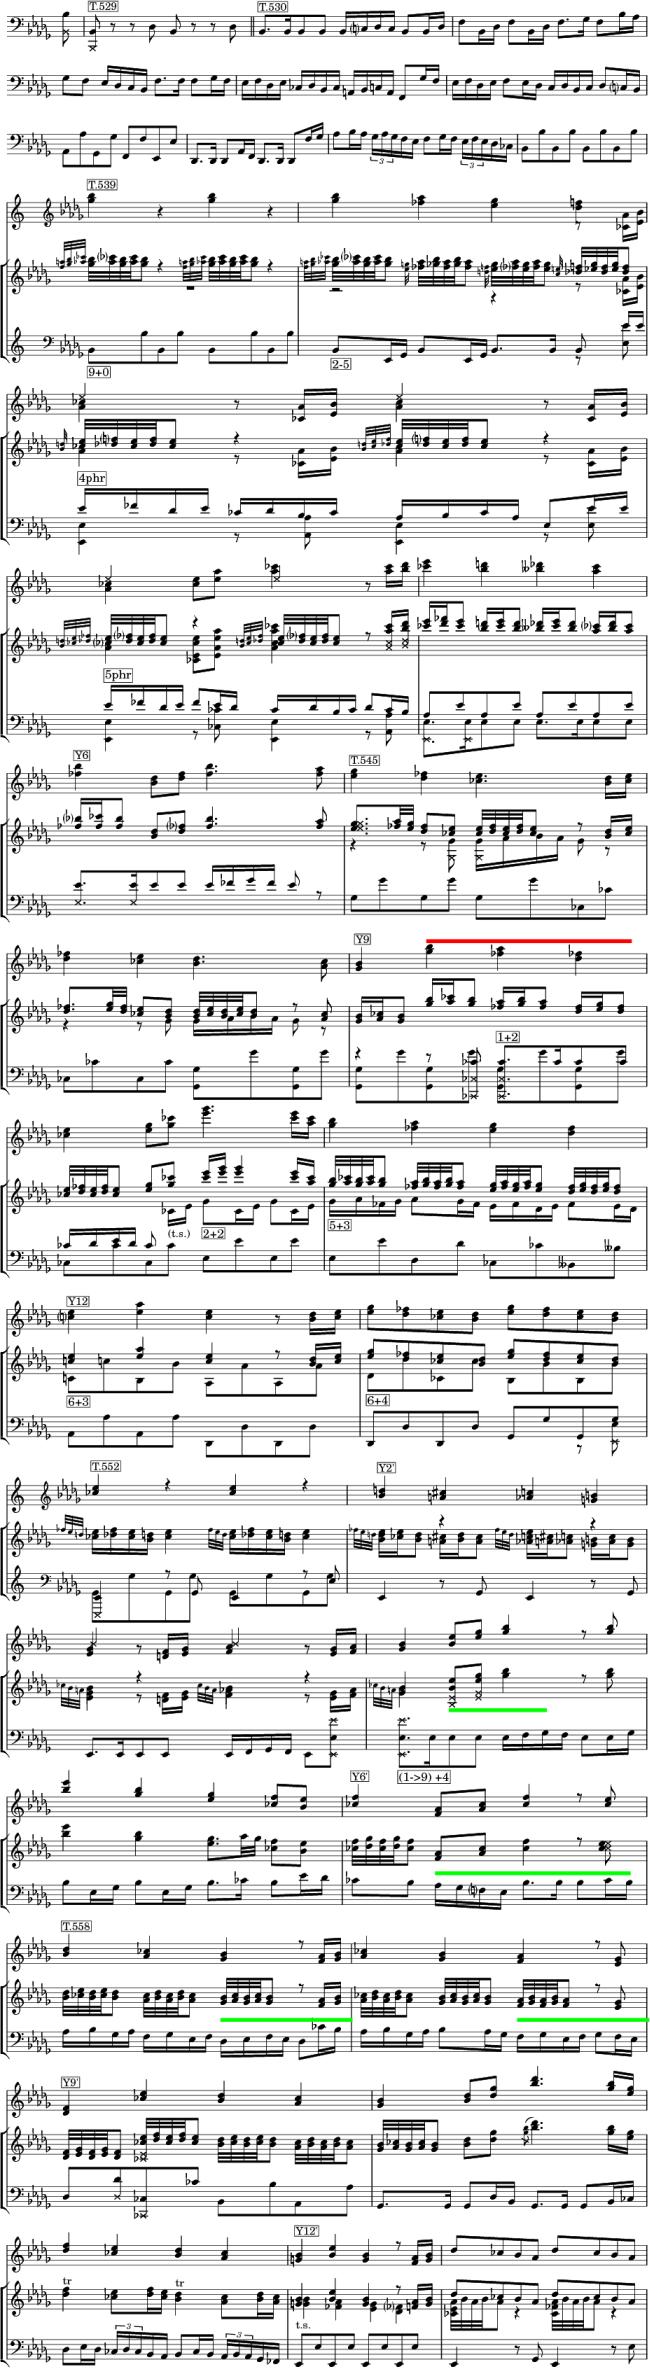 Gustav Mahler, Dritte Sinfonie, Erste Abtheilung